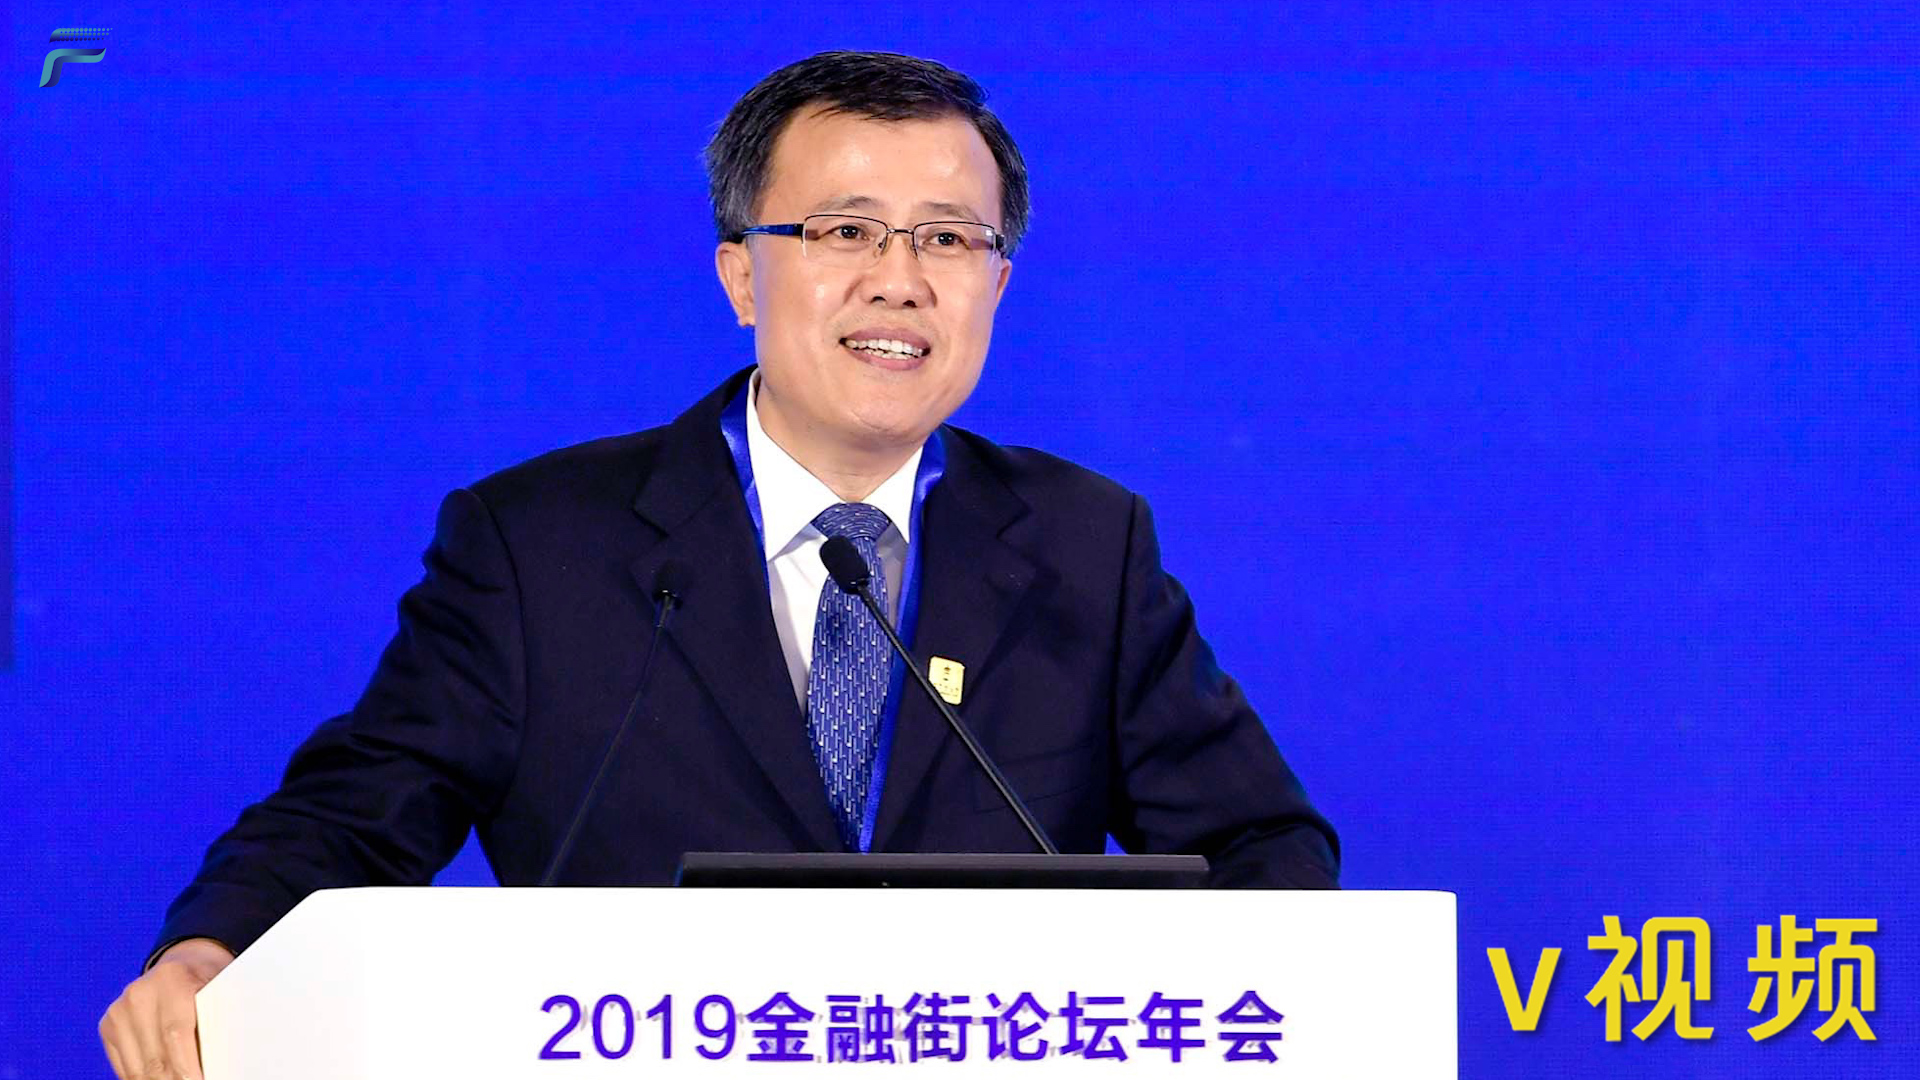 肖远企:只有适合本国国情的金融体系才是最优的